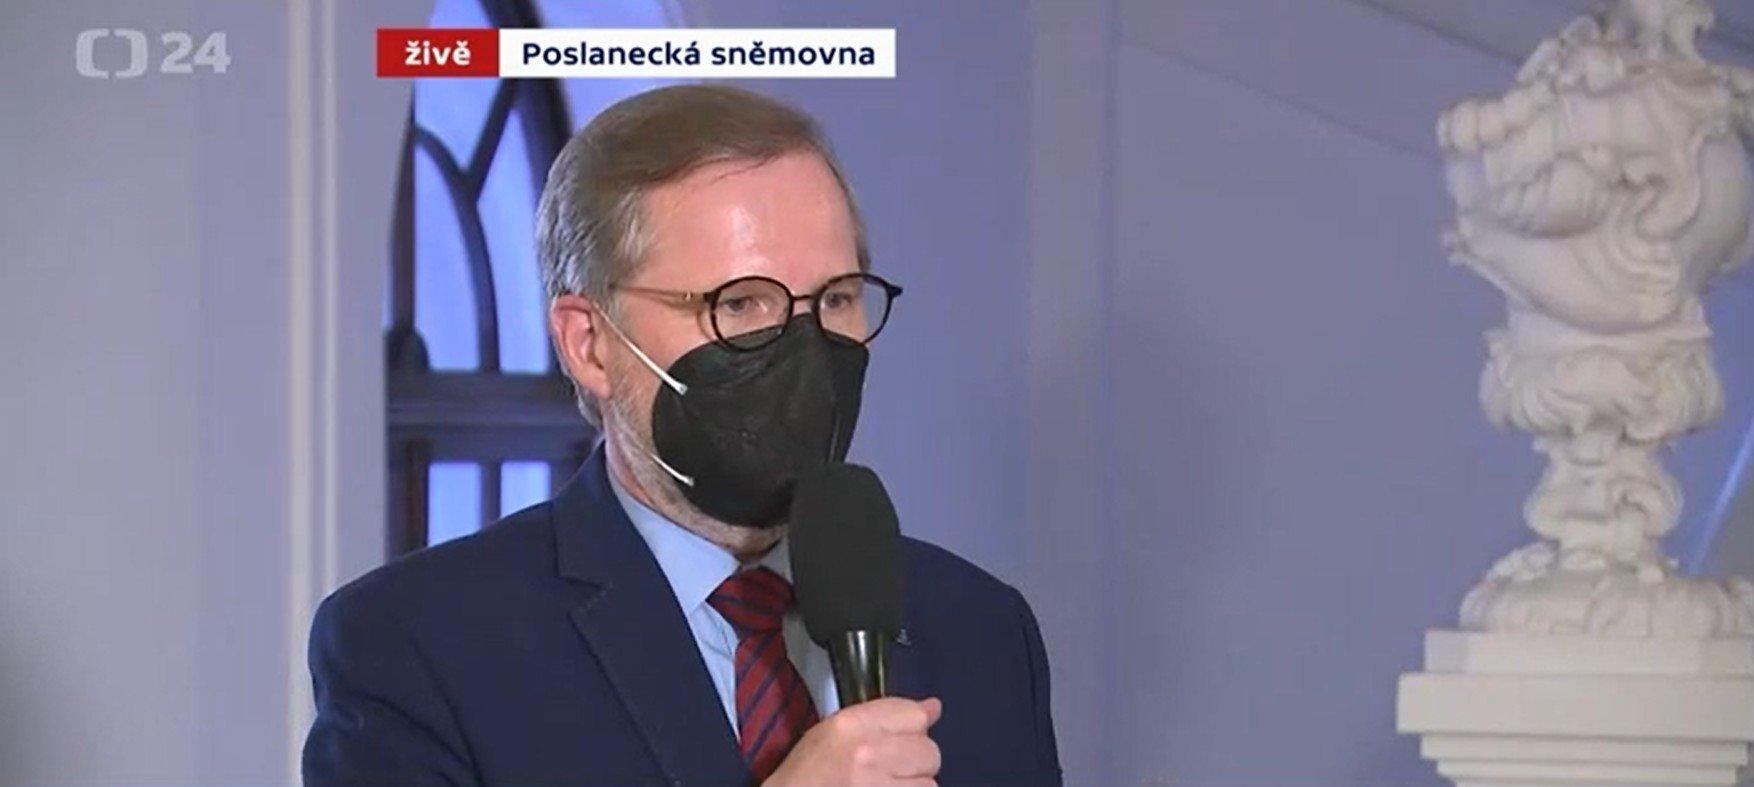 Petr Fiala: Události, komentáře: Hlasování o nedůvěře vládě